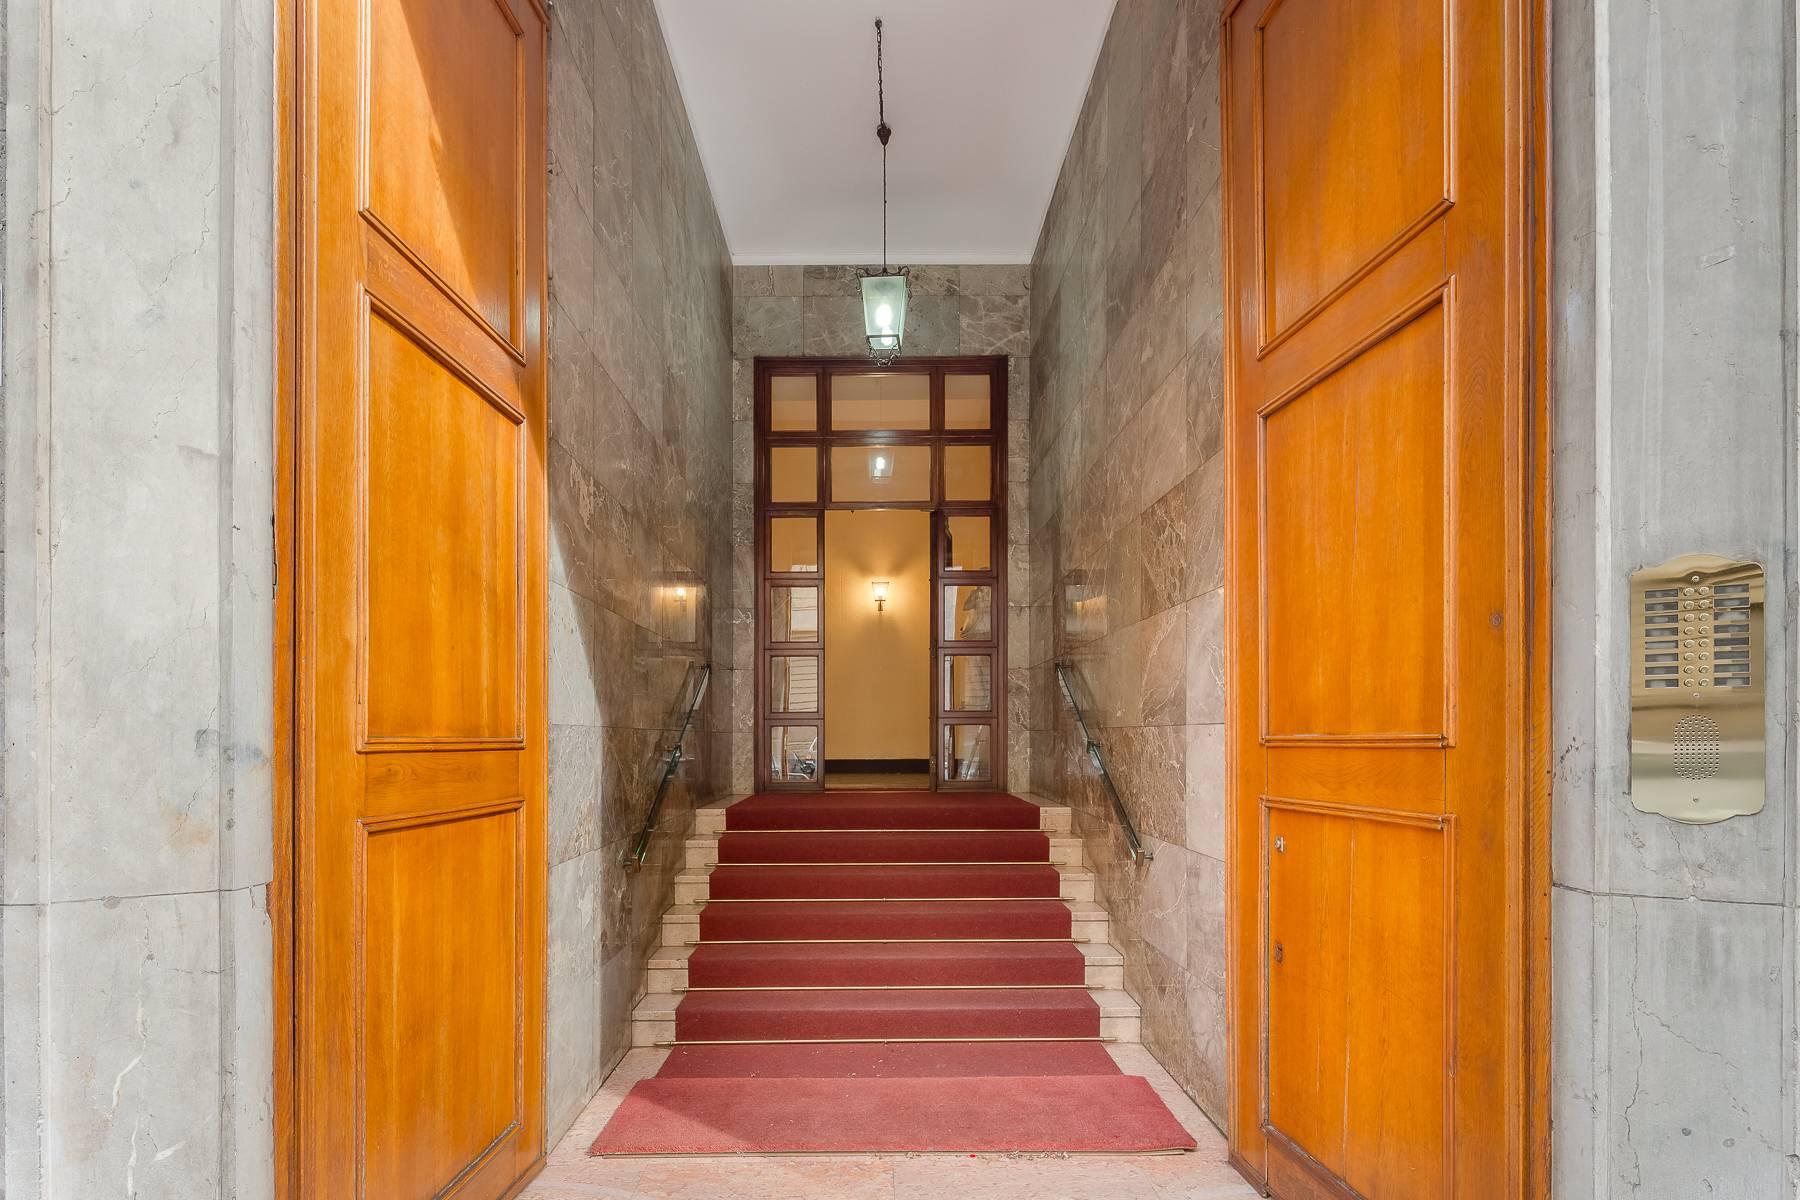 Ufficio-studio in Vendita a Milano 08 Vercelli / Magenta / Cadorna / Washington: 119 mq